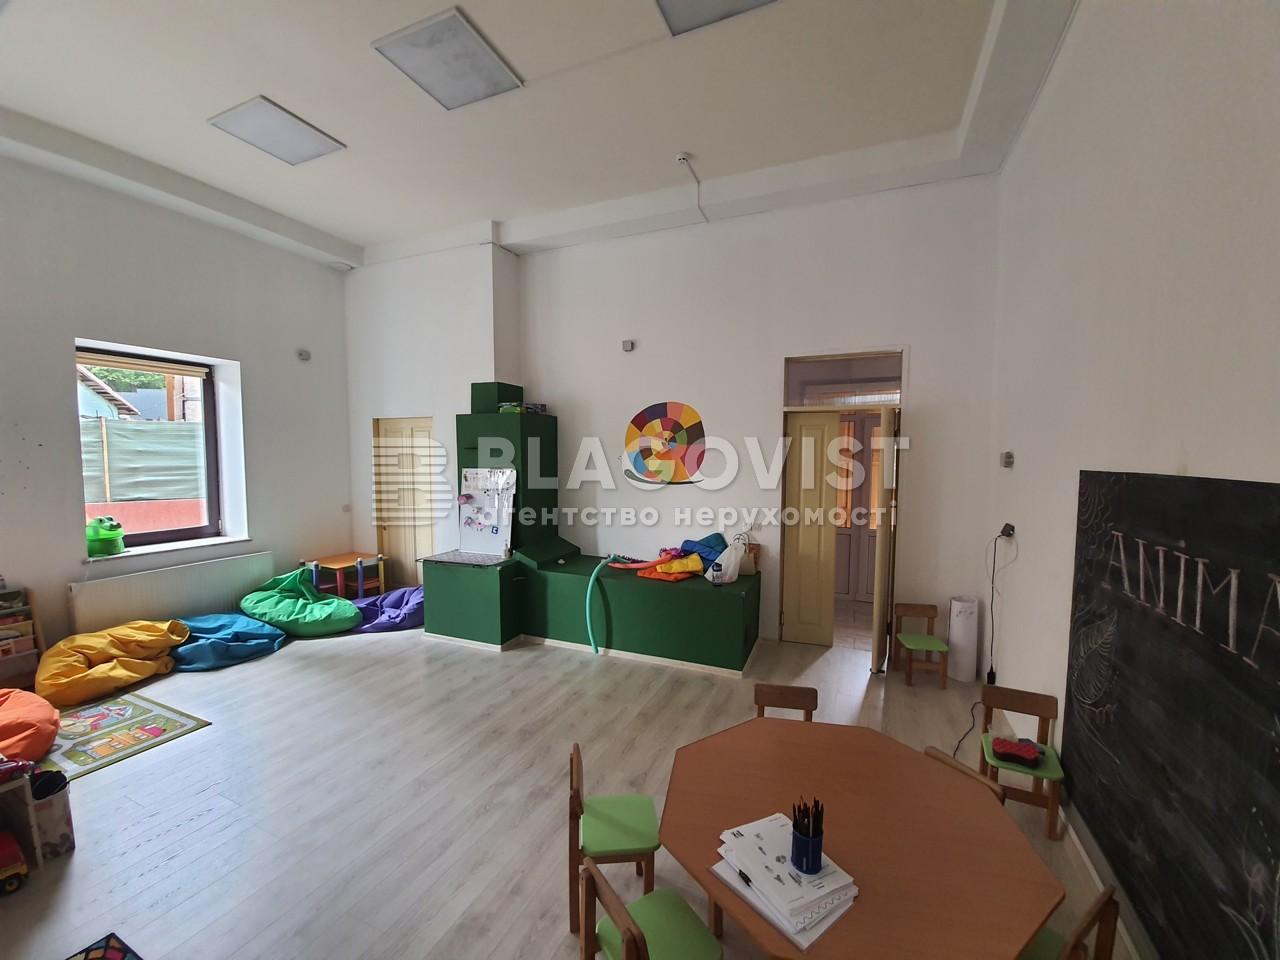 Будинок R-40483, Монтажників, Київ - Фото 5